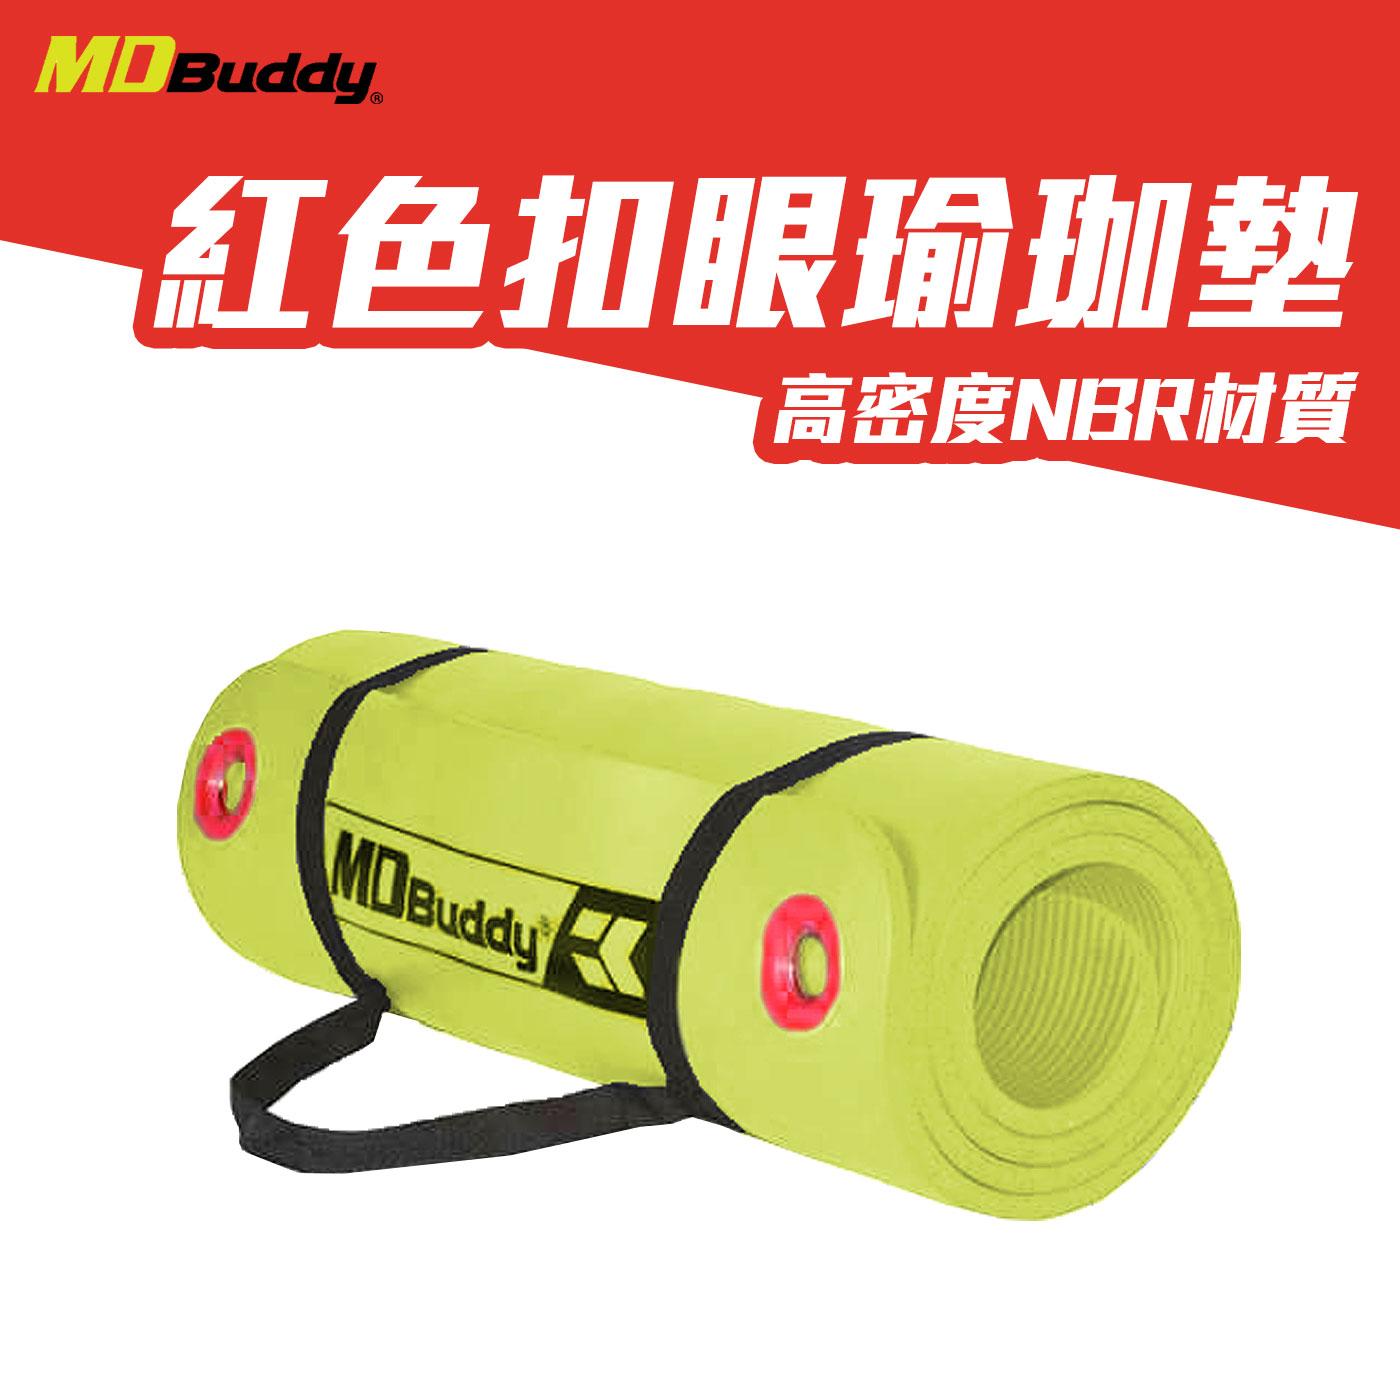 MDBuddy NBR紅色扣眼瑜珈墊 6012201